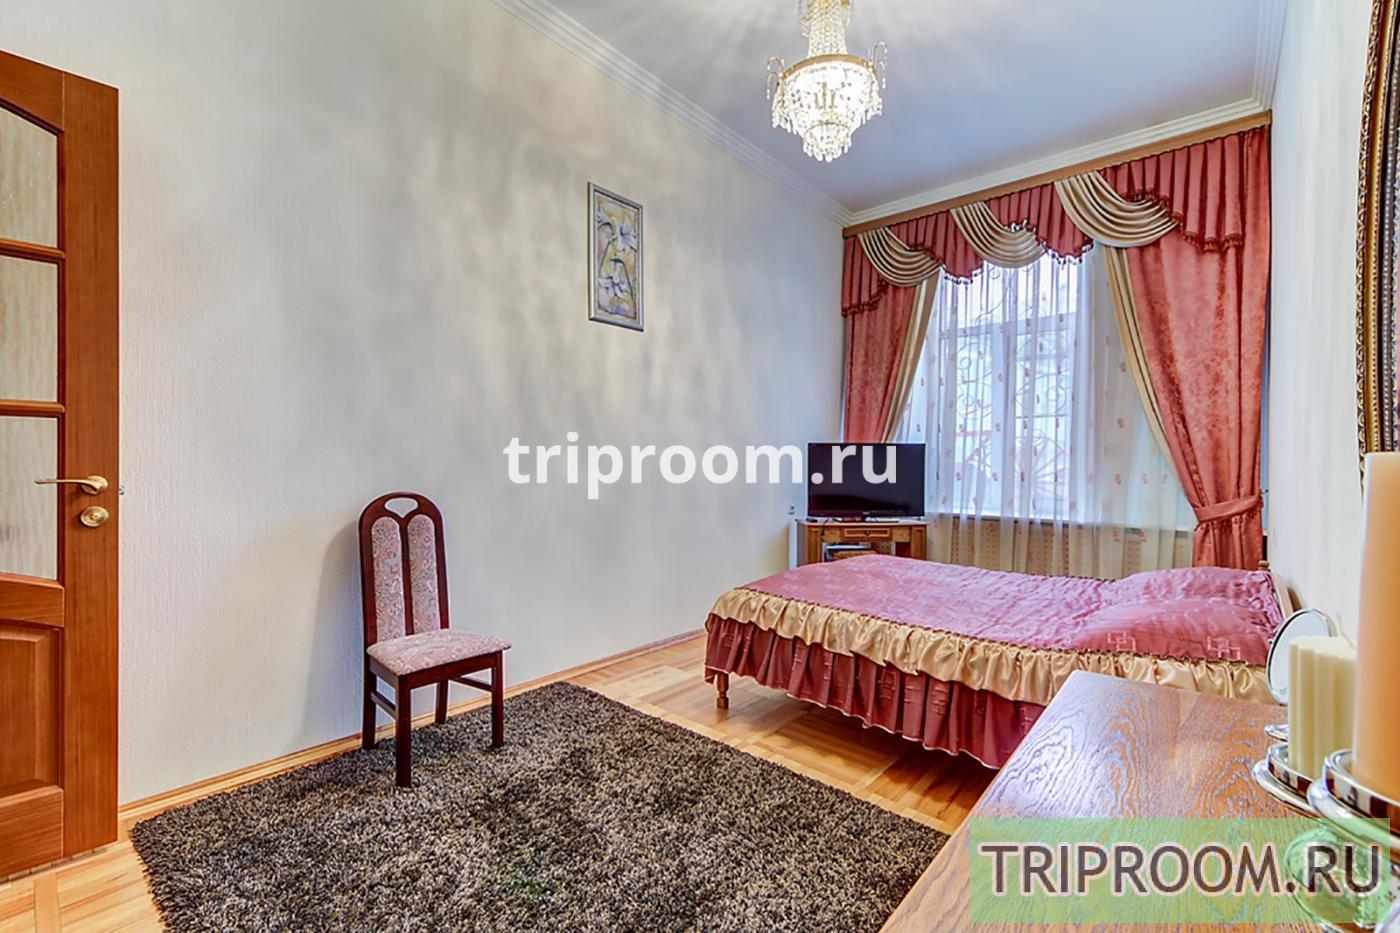 4-комнатная квартира посуточно (вариант № 20160), ул. Реки Мойки набережная, фото № 11